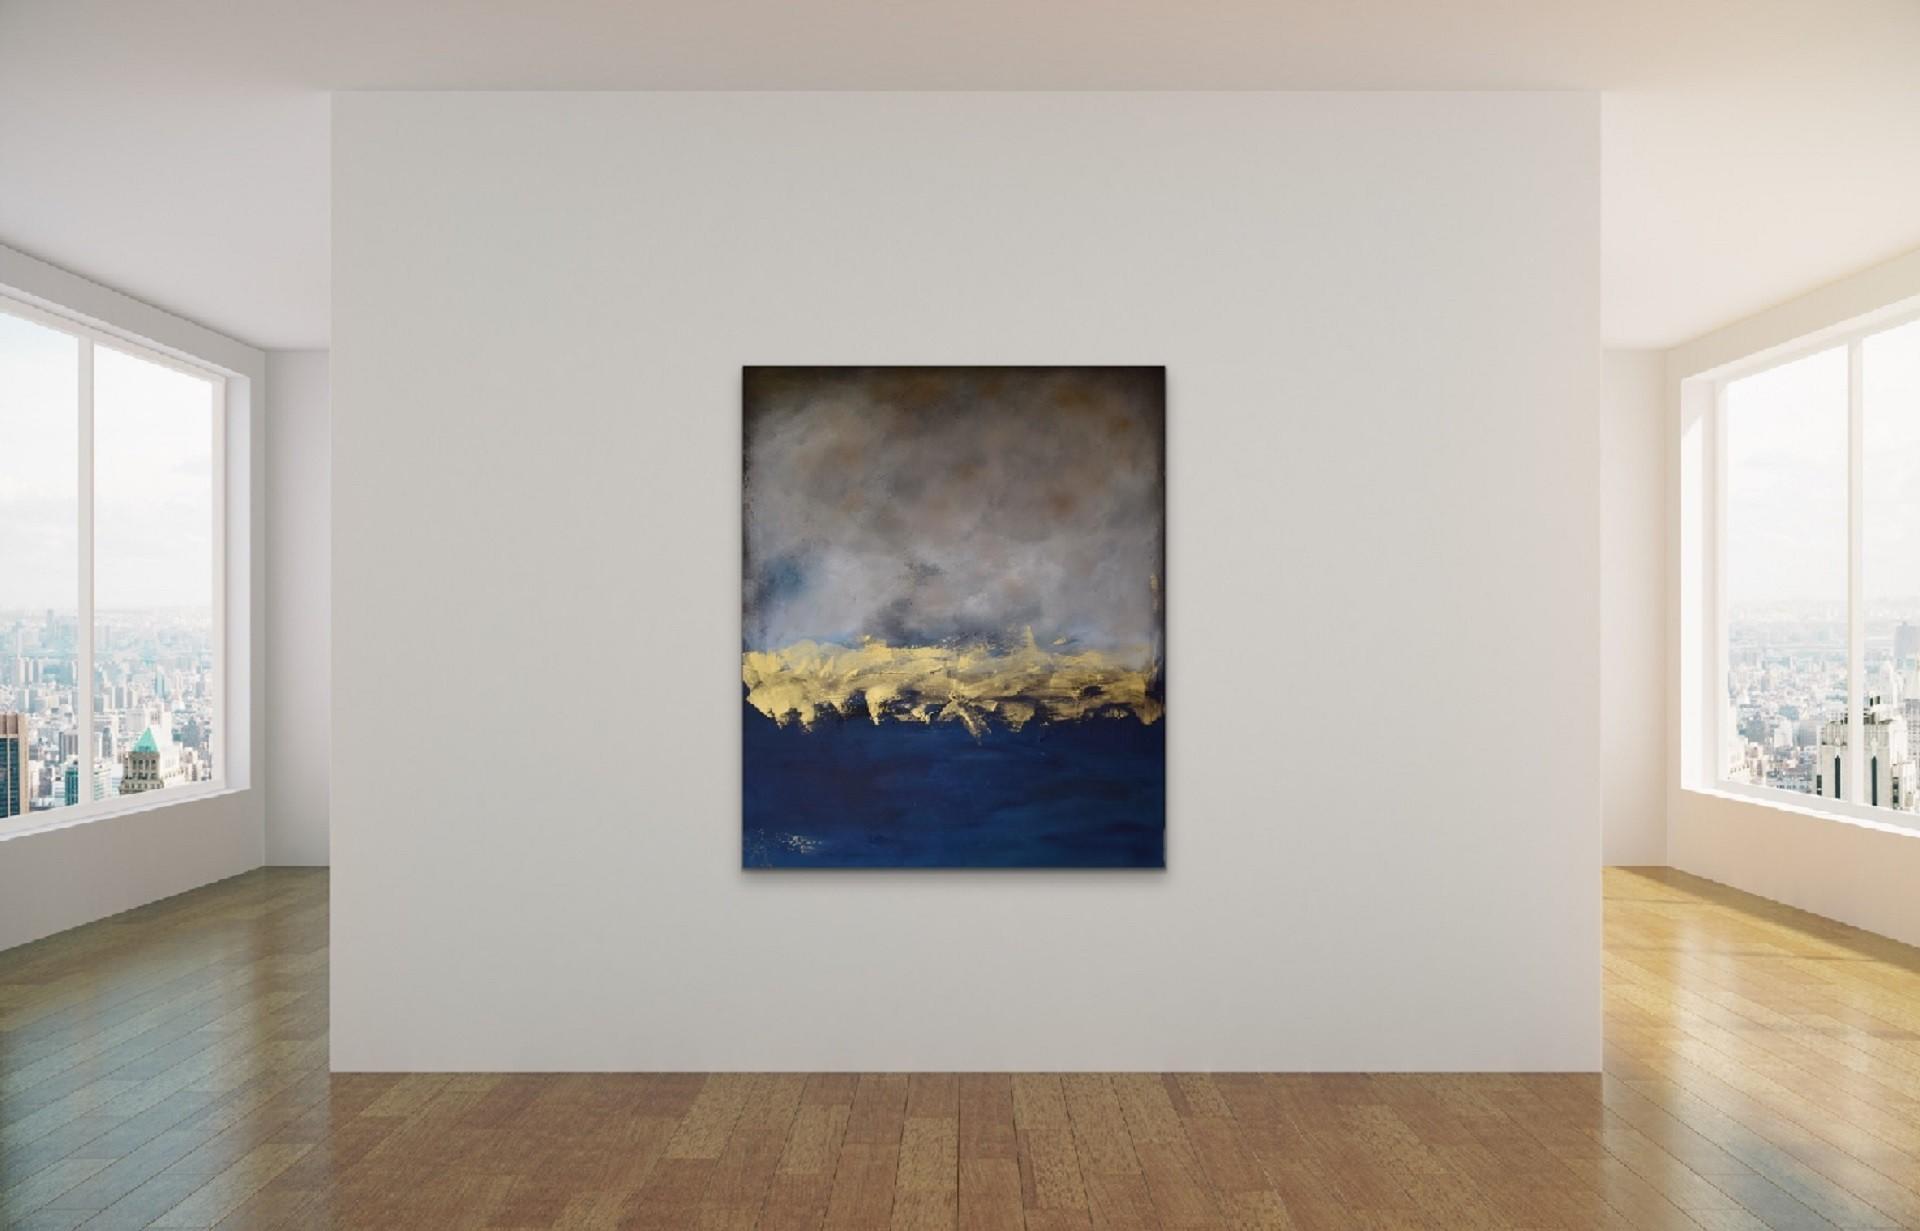 Stort maleri i blått, grått og gull